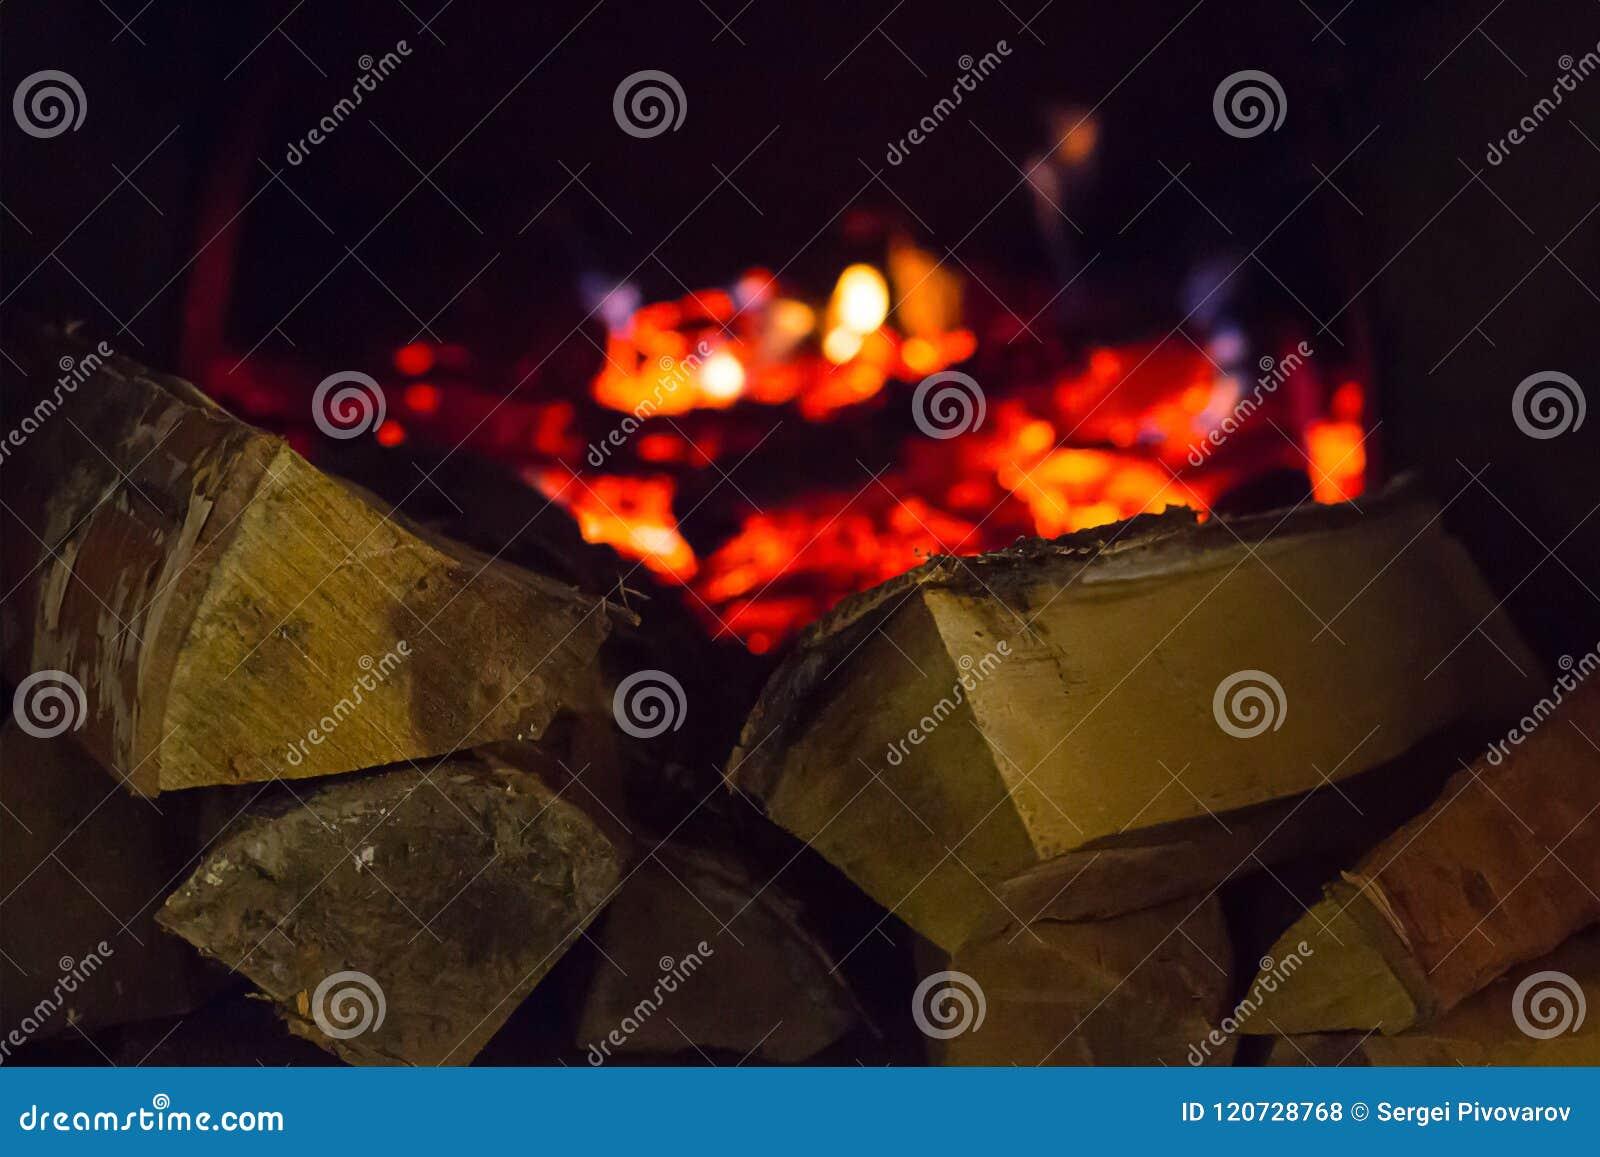 Foto Di Un Camino Acceso la pila di legna da ardere scheggiata ha acceso la luce